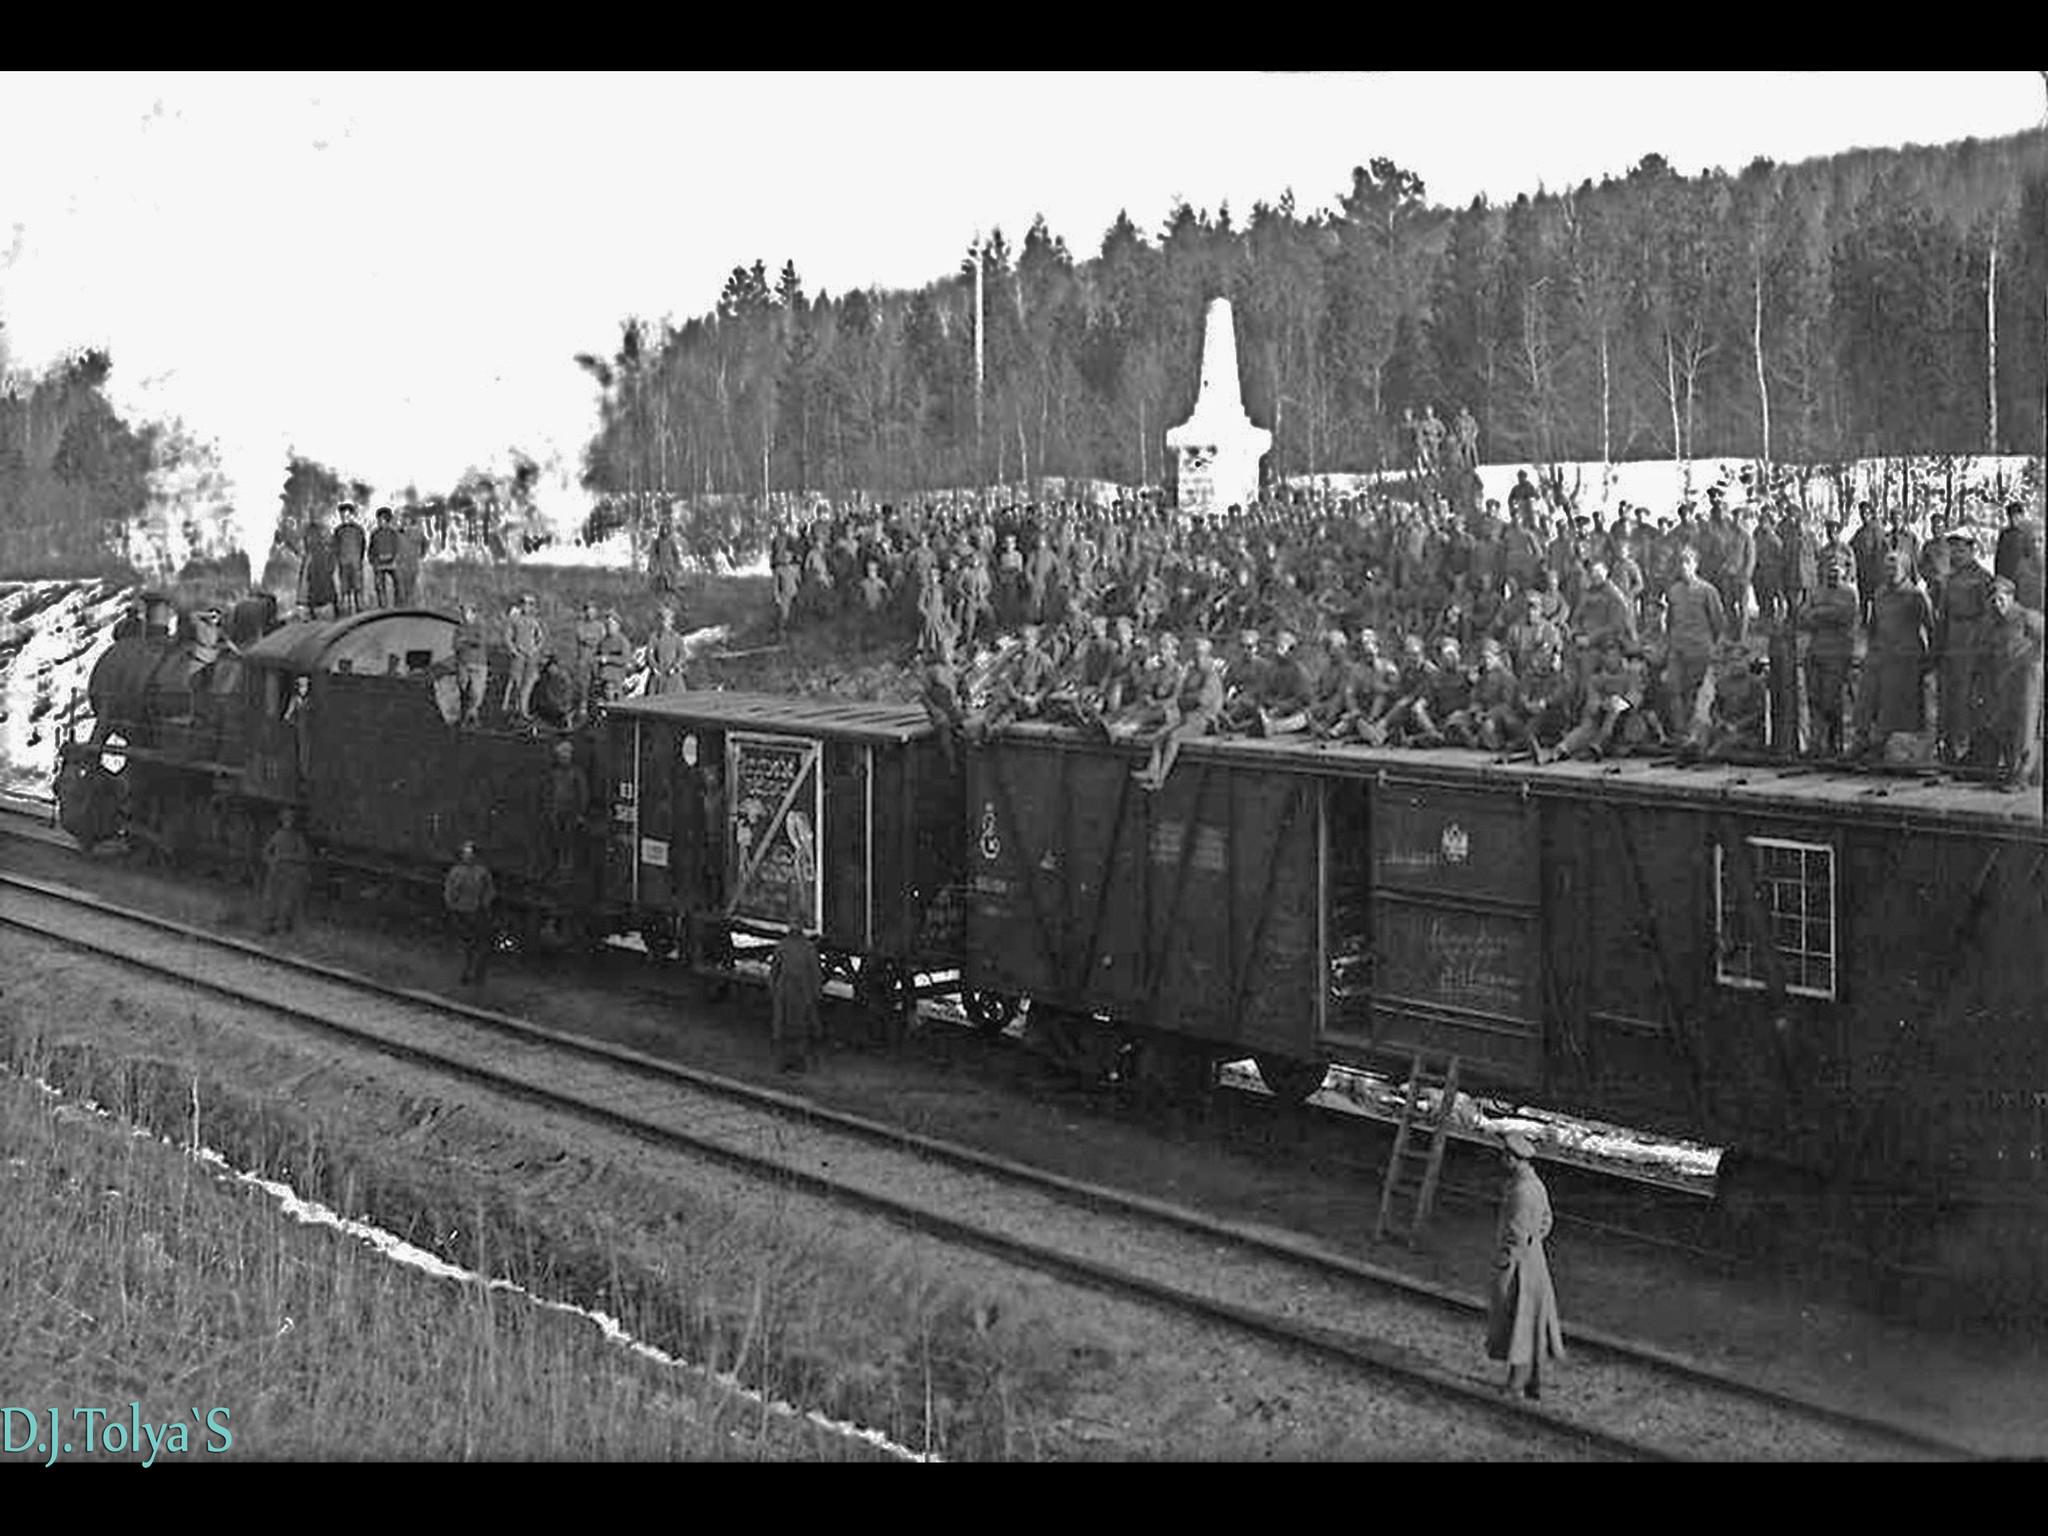 этого сибирские поезда идут на фронт фото только повышает безопасность